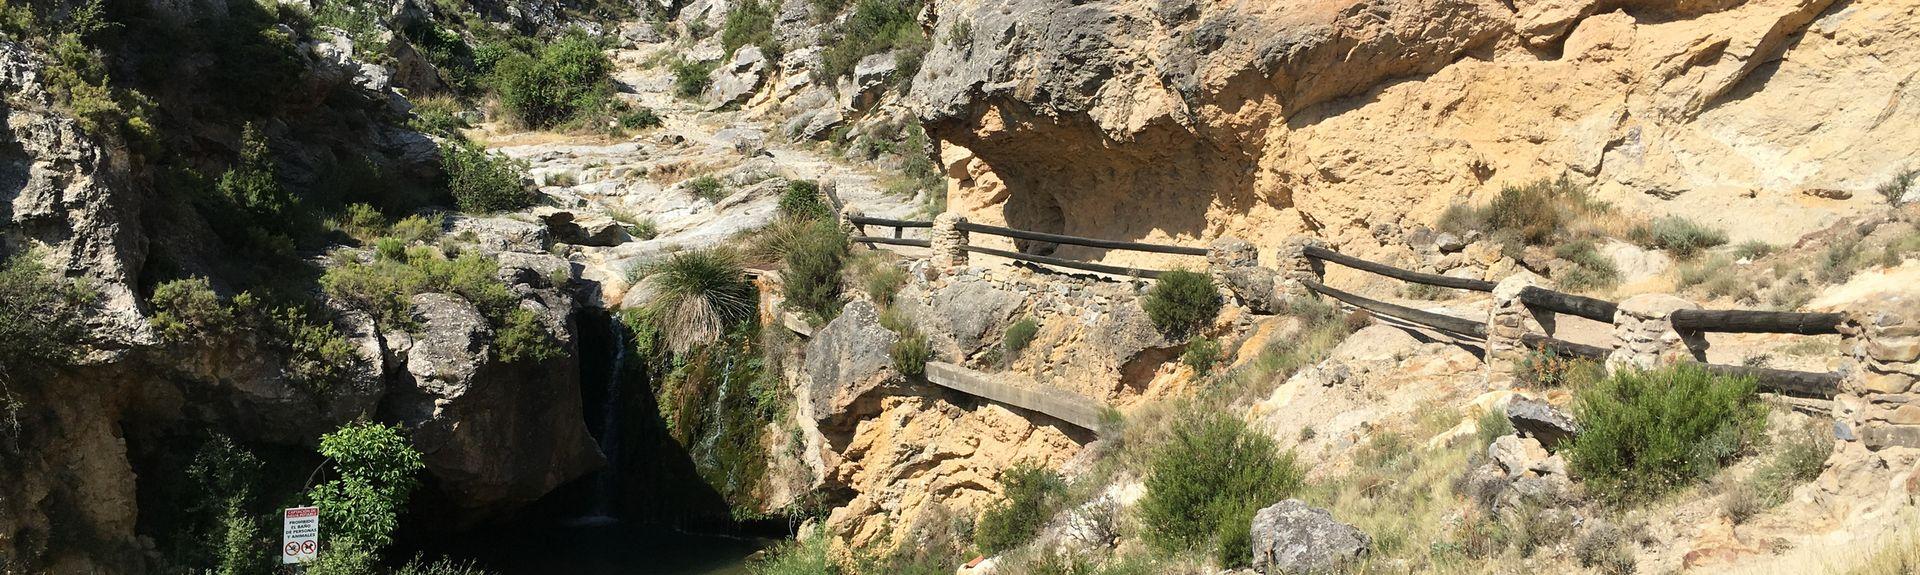 Enciso, La Rioja, Spain